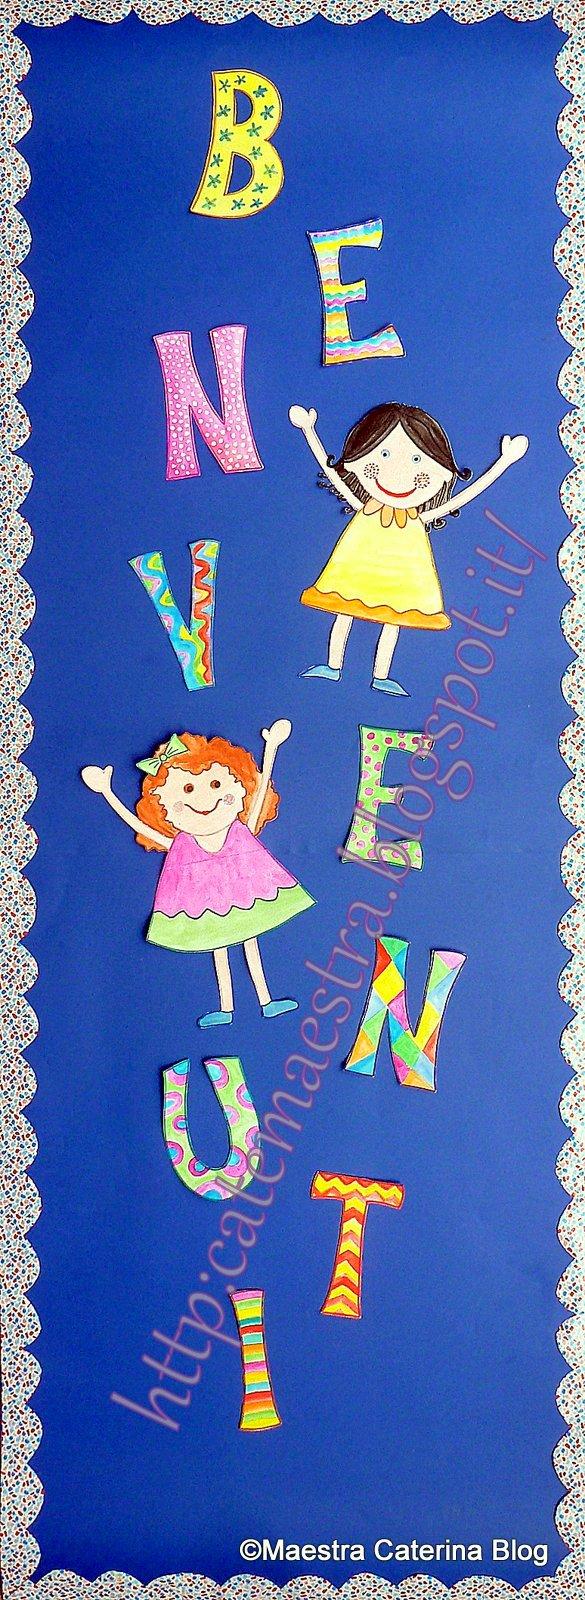 Favoloso Maestra Caterina: Benvenuti per accoglienza scuola YE68